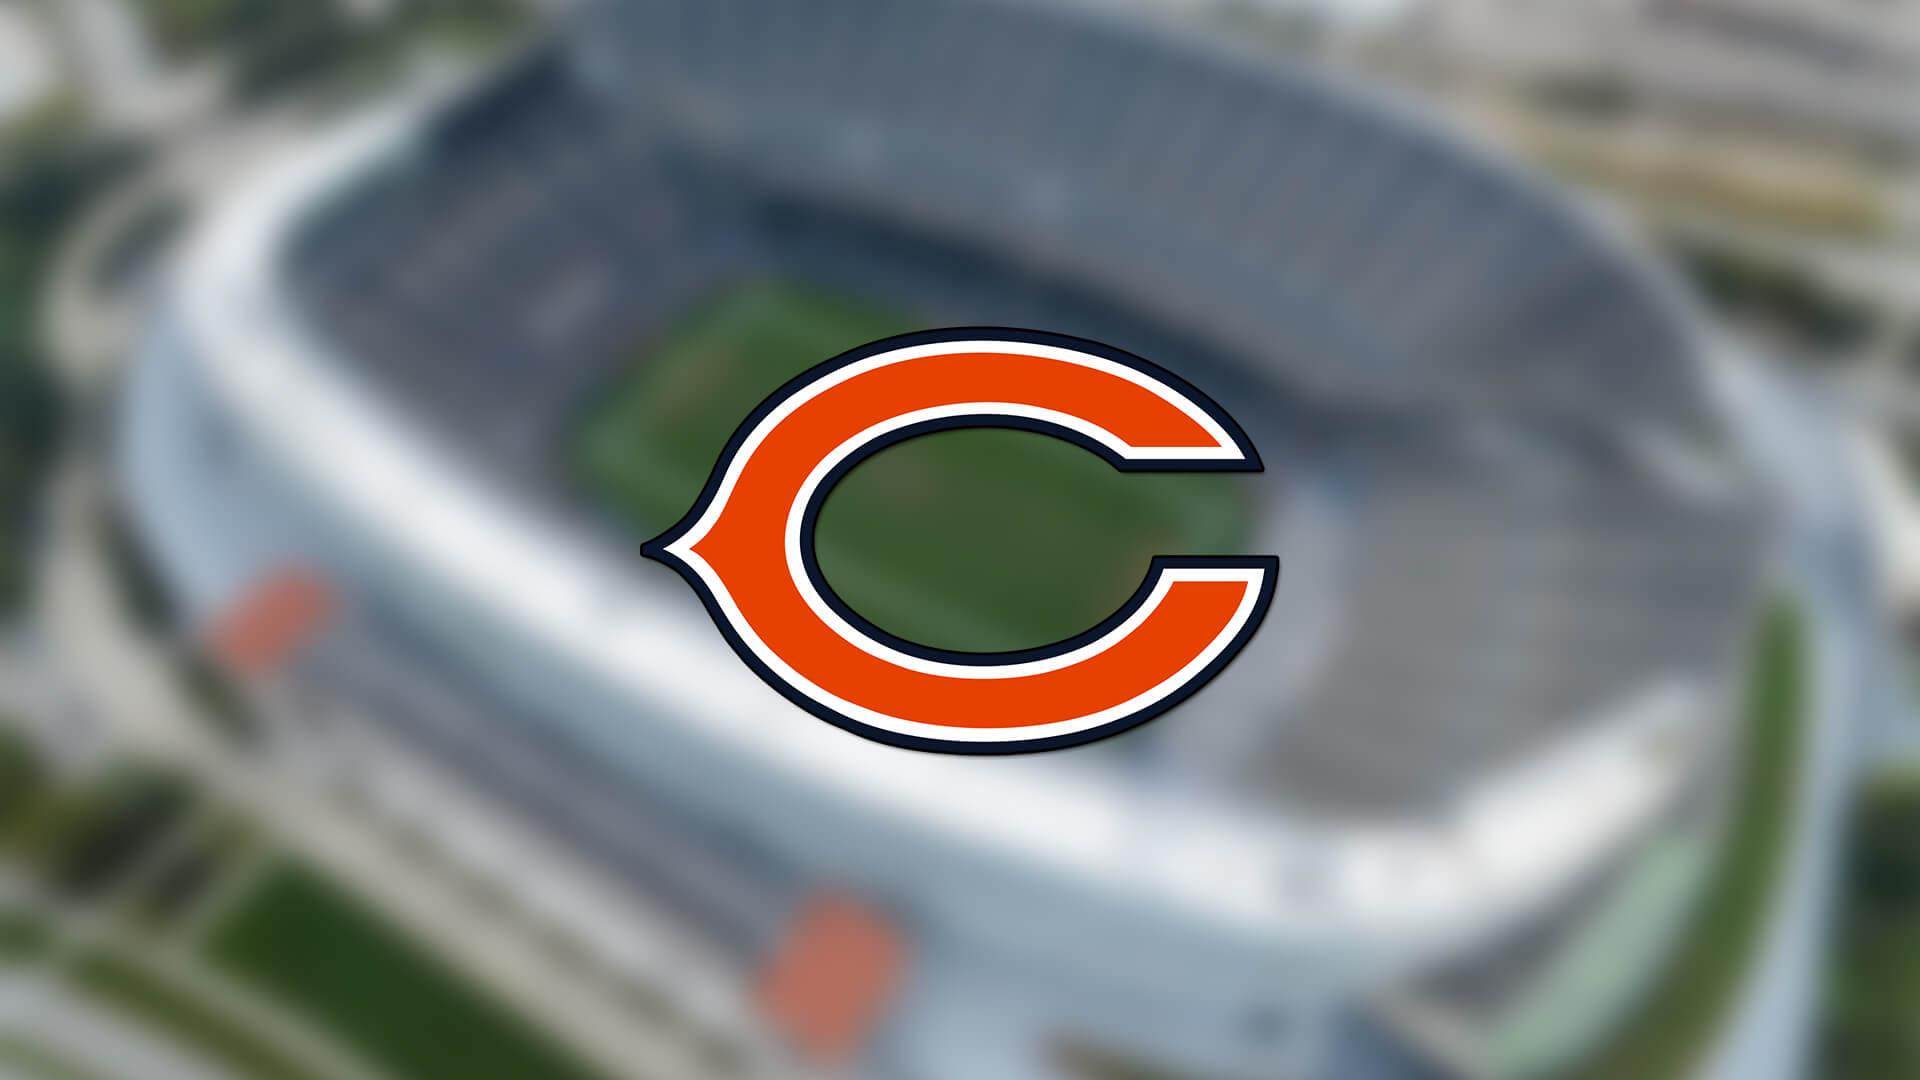 Chicago Bears, Soldier Field'da Taraftar Kabul Etmeyecek   Korumalı Futbol Türkiye